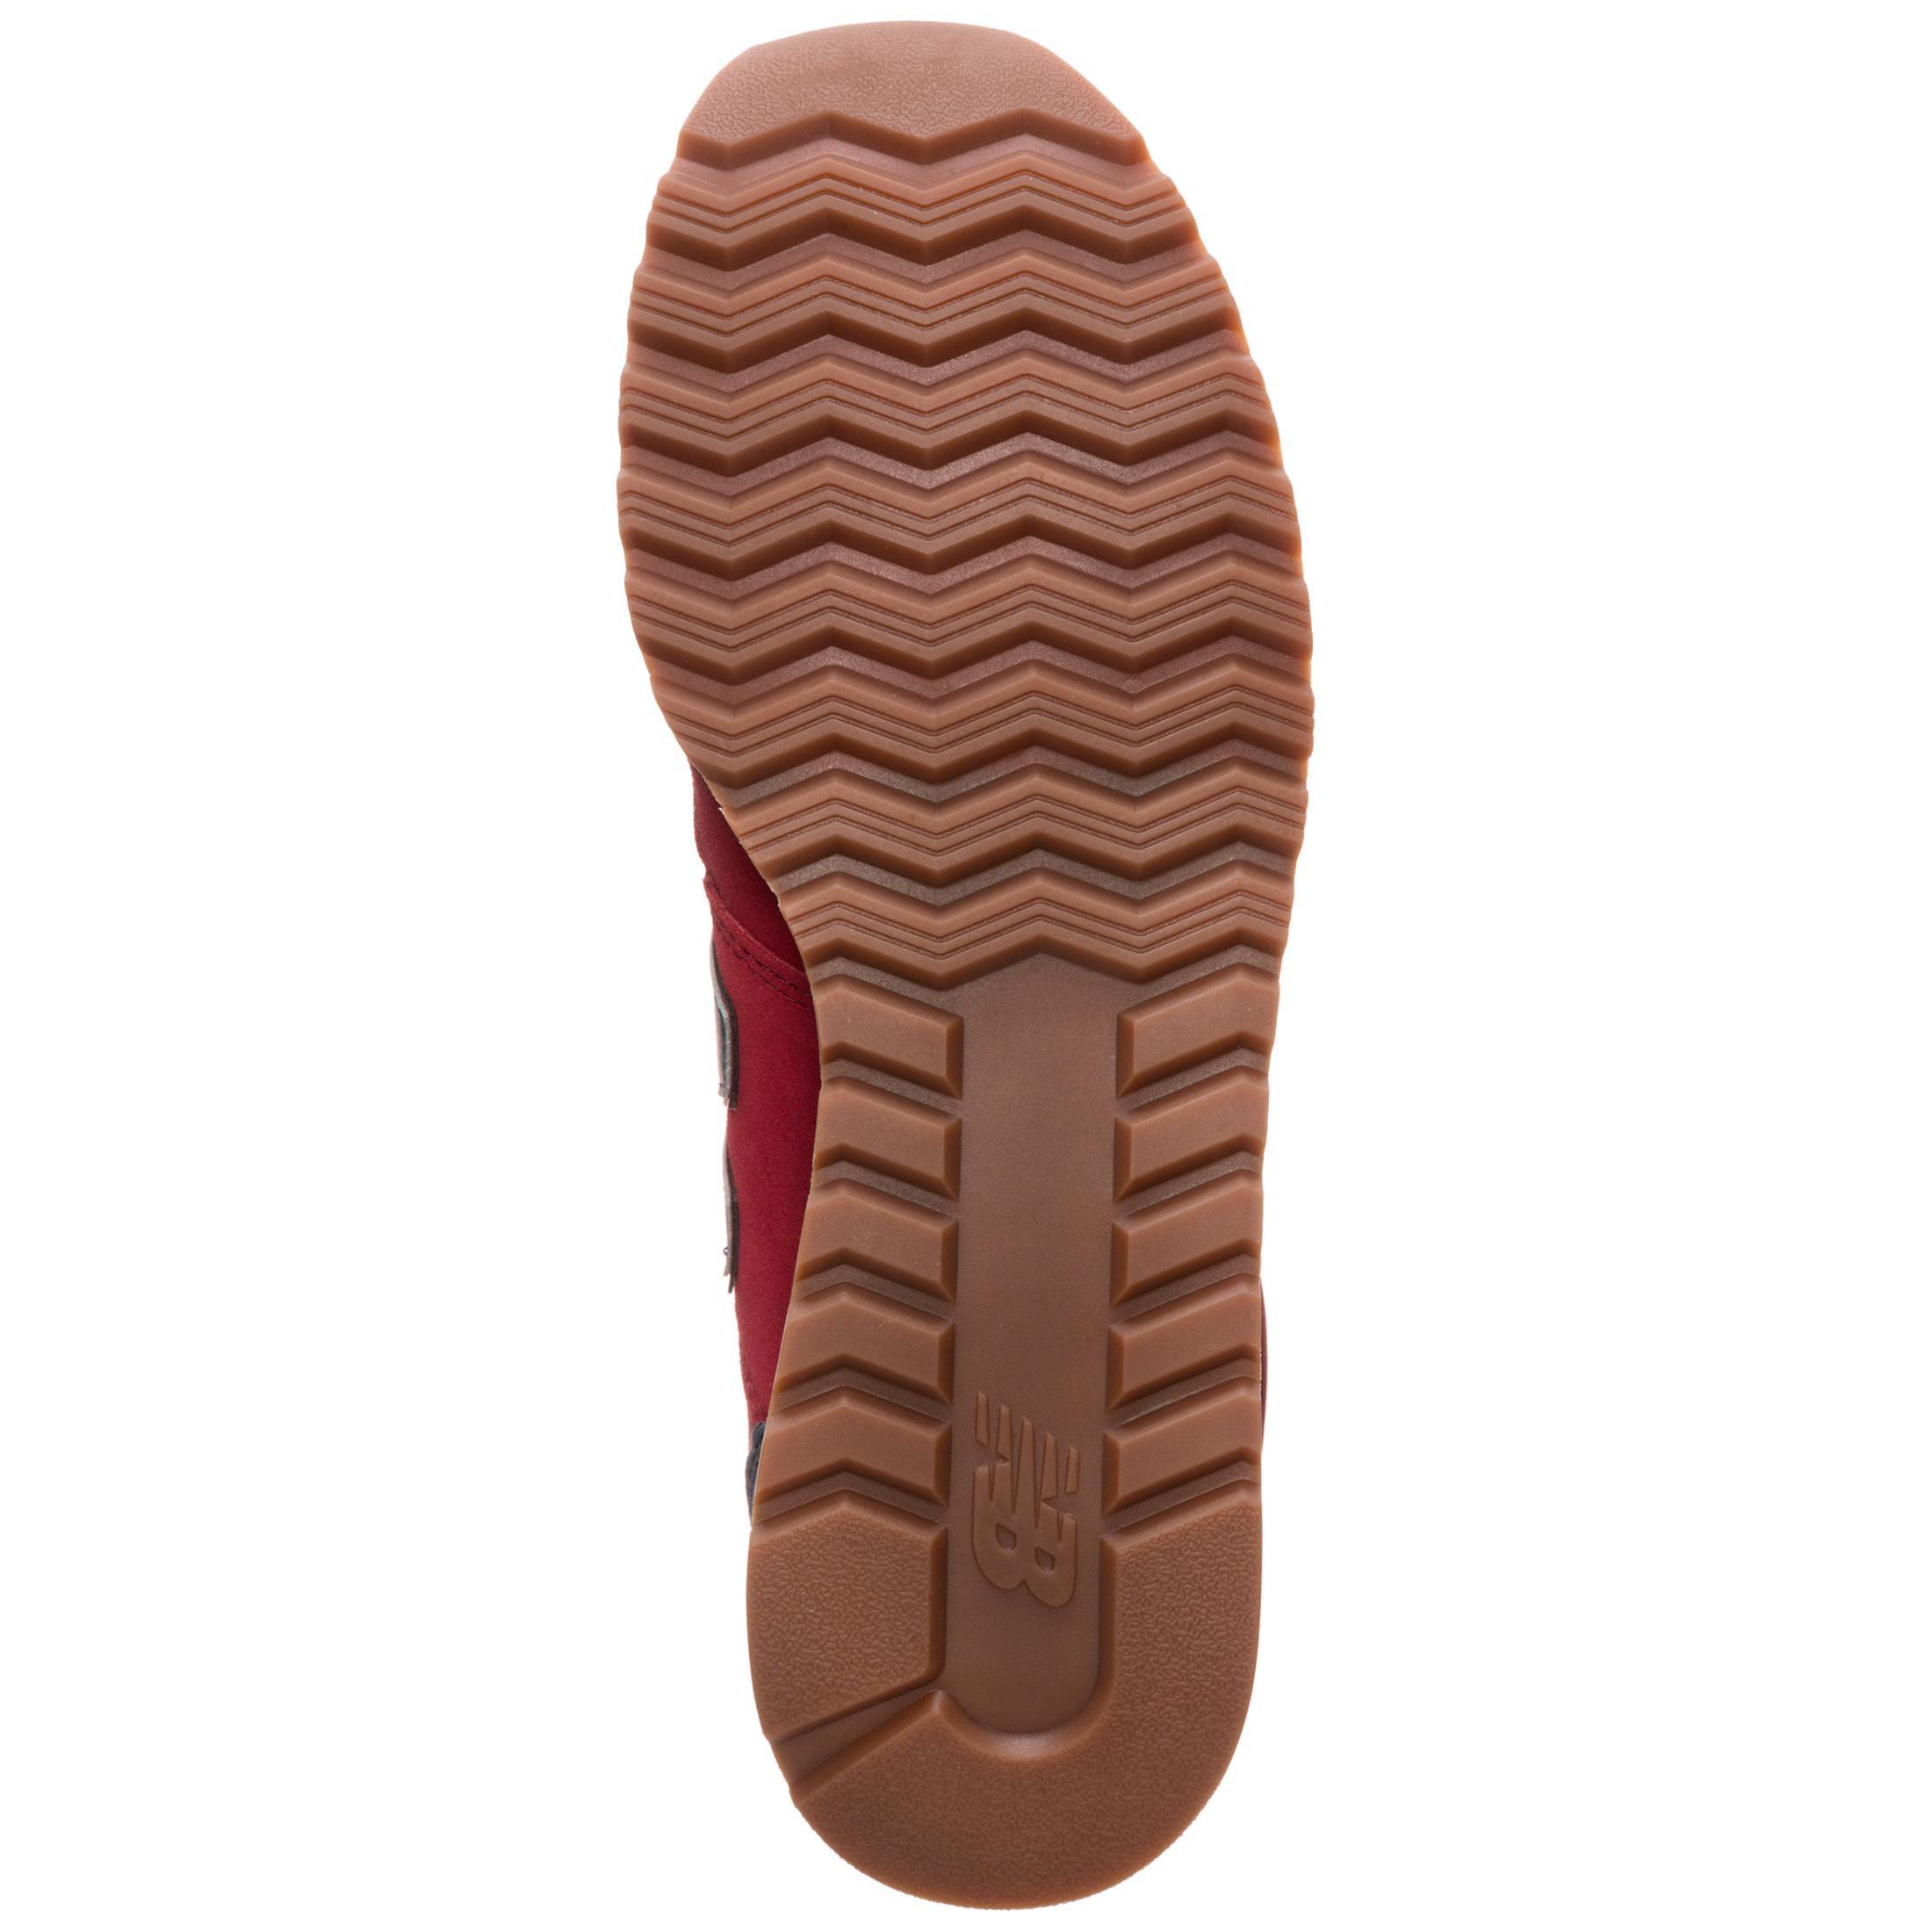 NEW BALANCE U520-EK-D Sneaker rot rot rot / blau / weiß im Online Shop von SportScheck kaufen Gute Qualität beliebte Schuhe 03de44